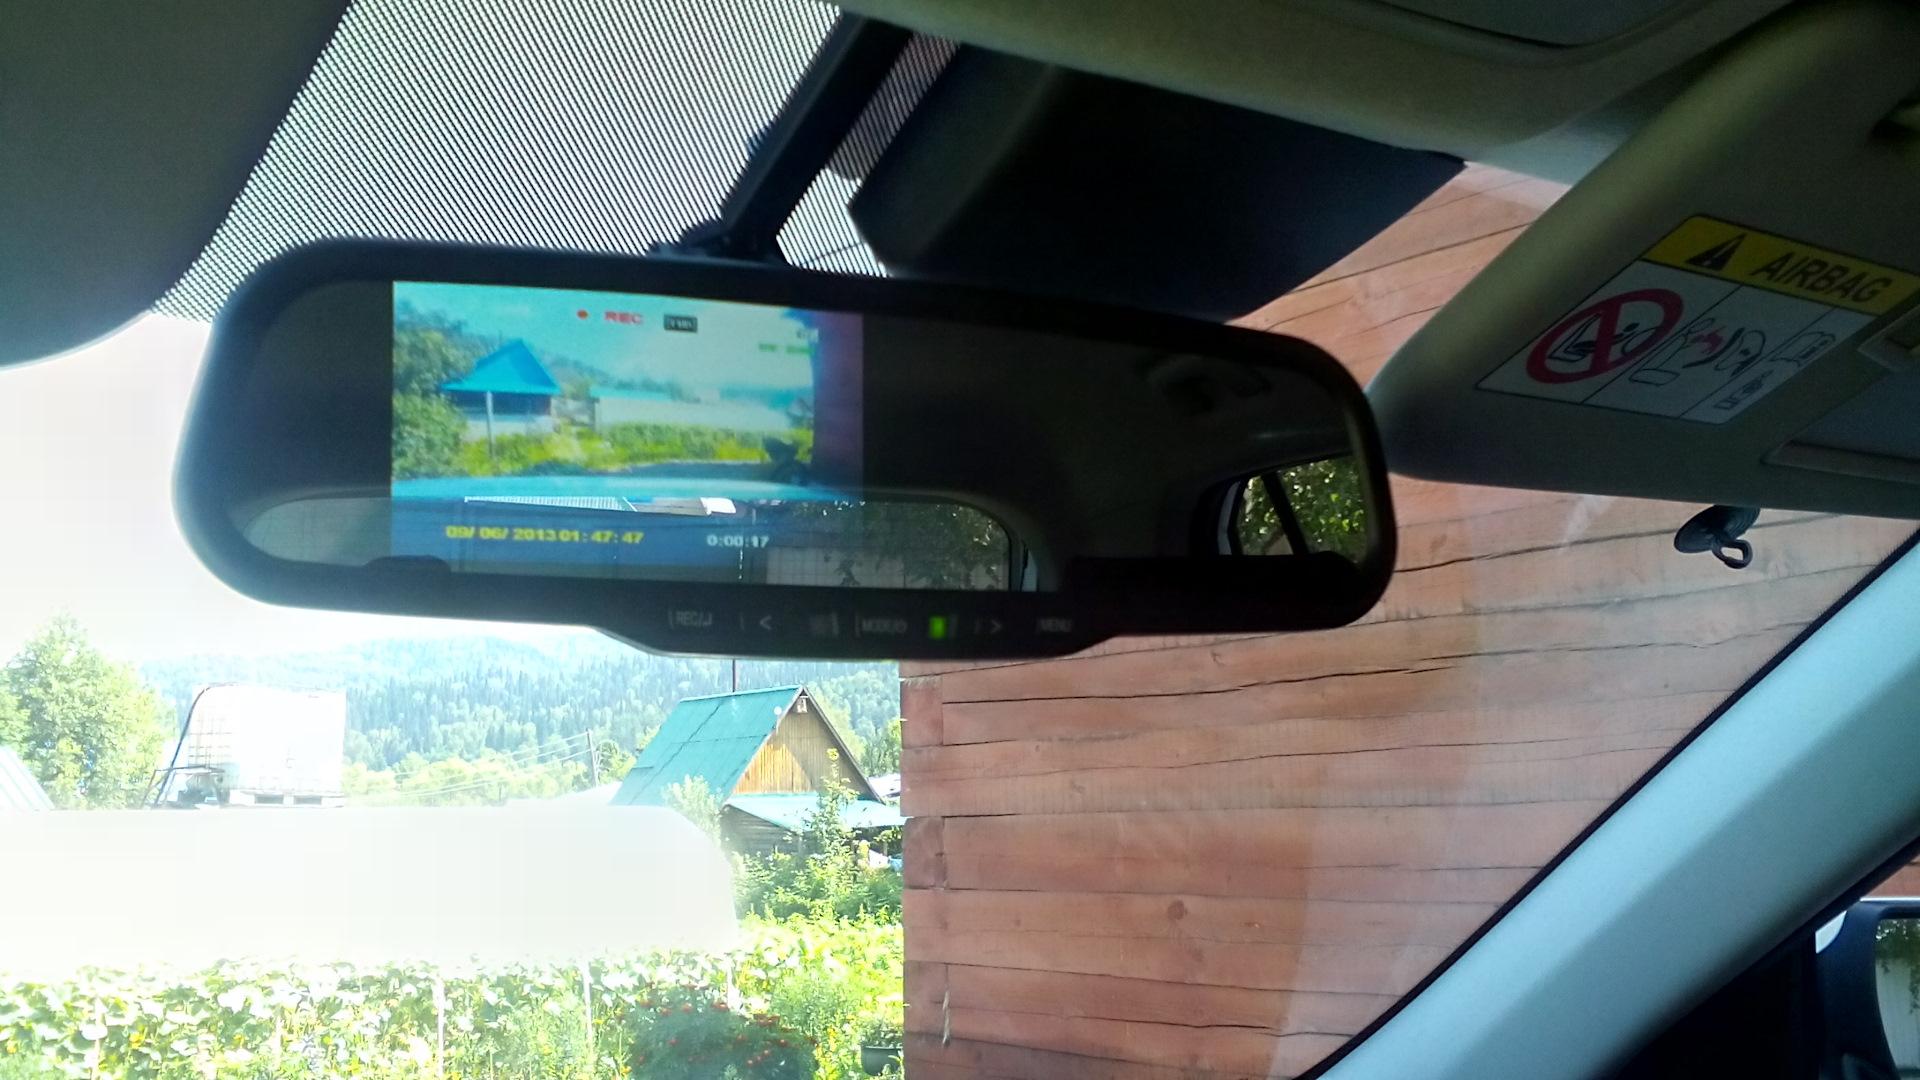 Регистратор hyundai зеркало podofo автомобильный видеорегистратор камеры g30 full hd 1080